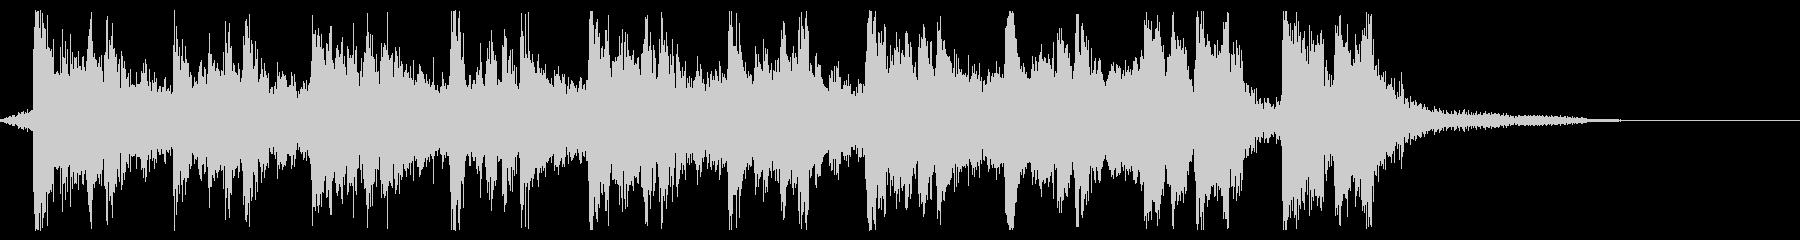 ハリウッド系アイキャッチの未再生の波形